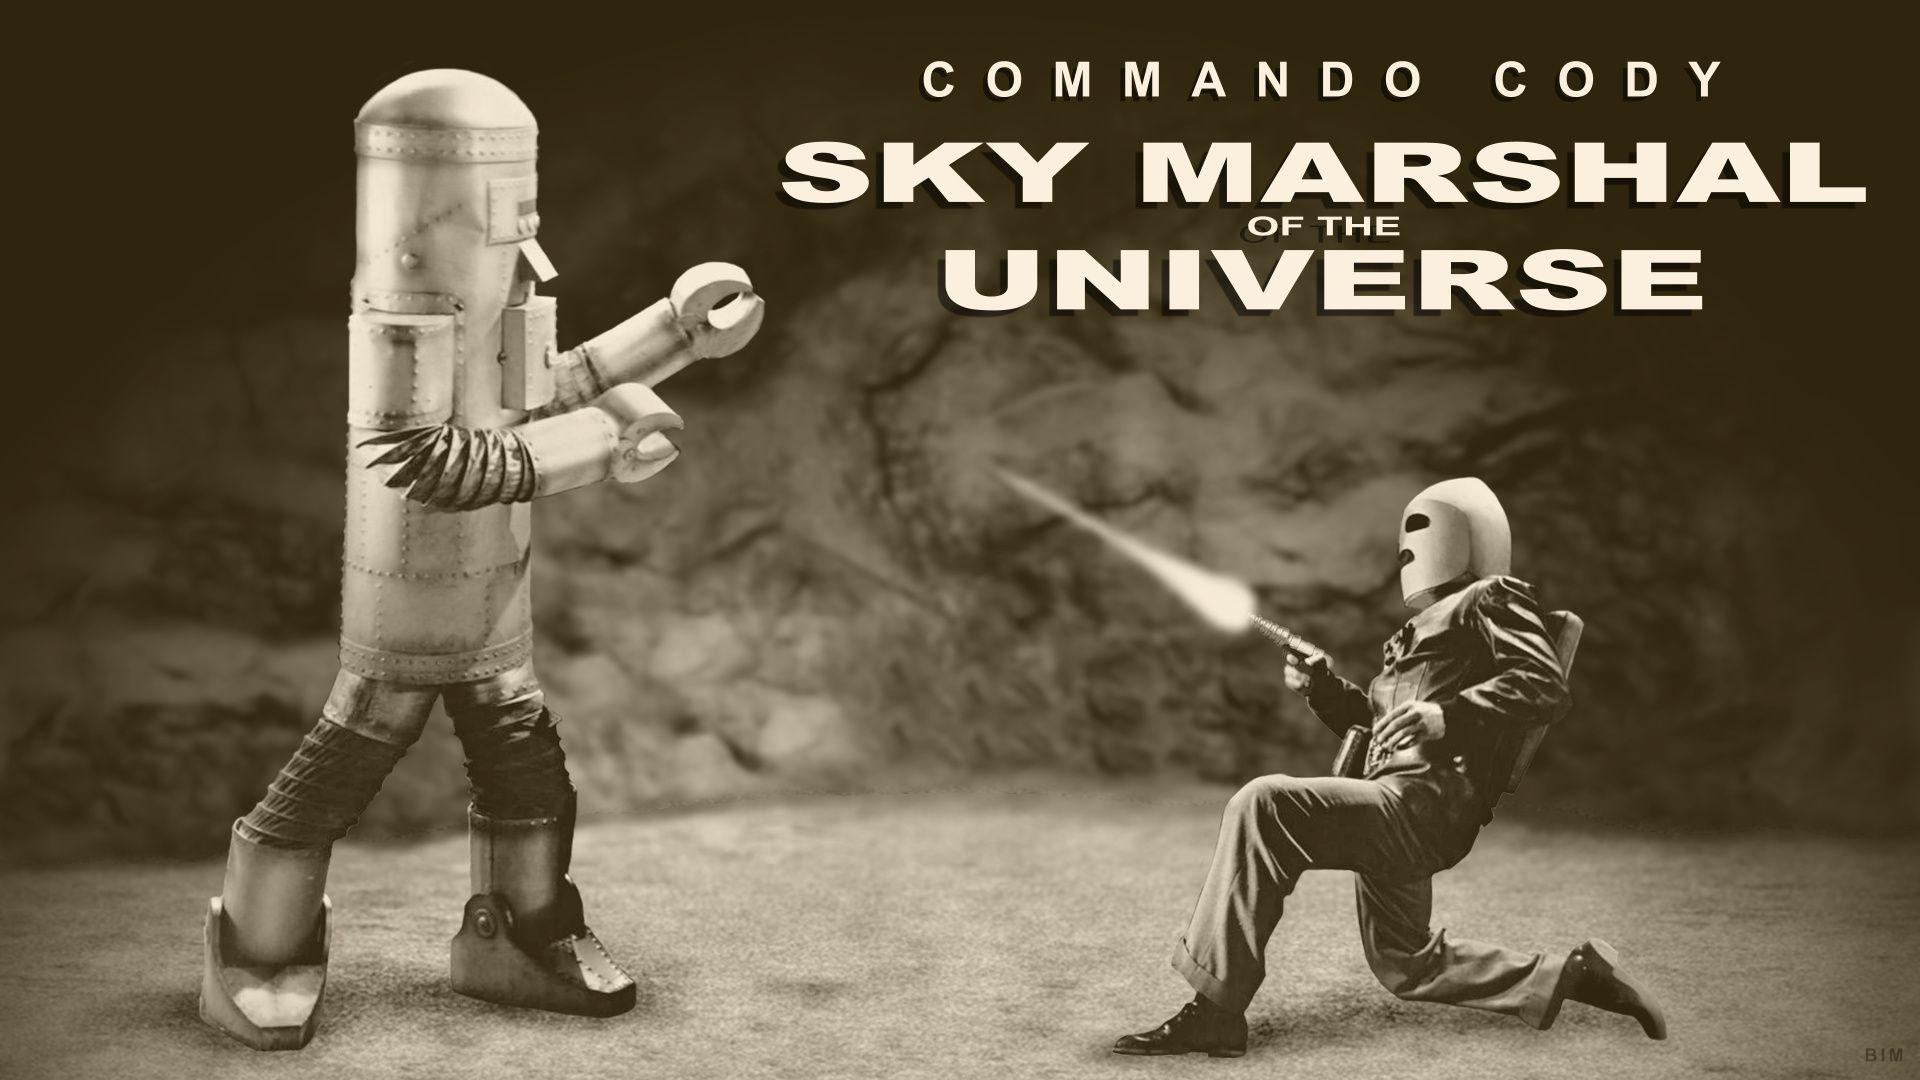 Commando Cody 1.jpg